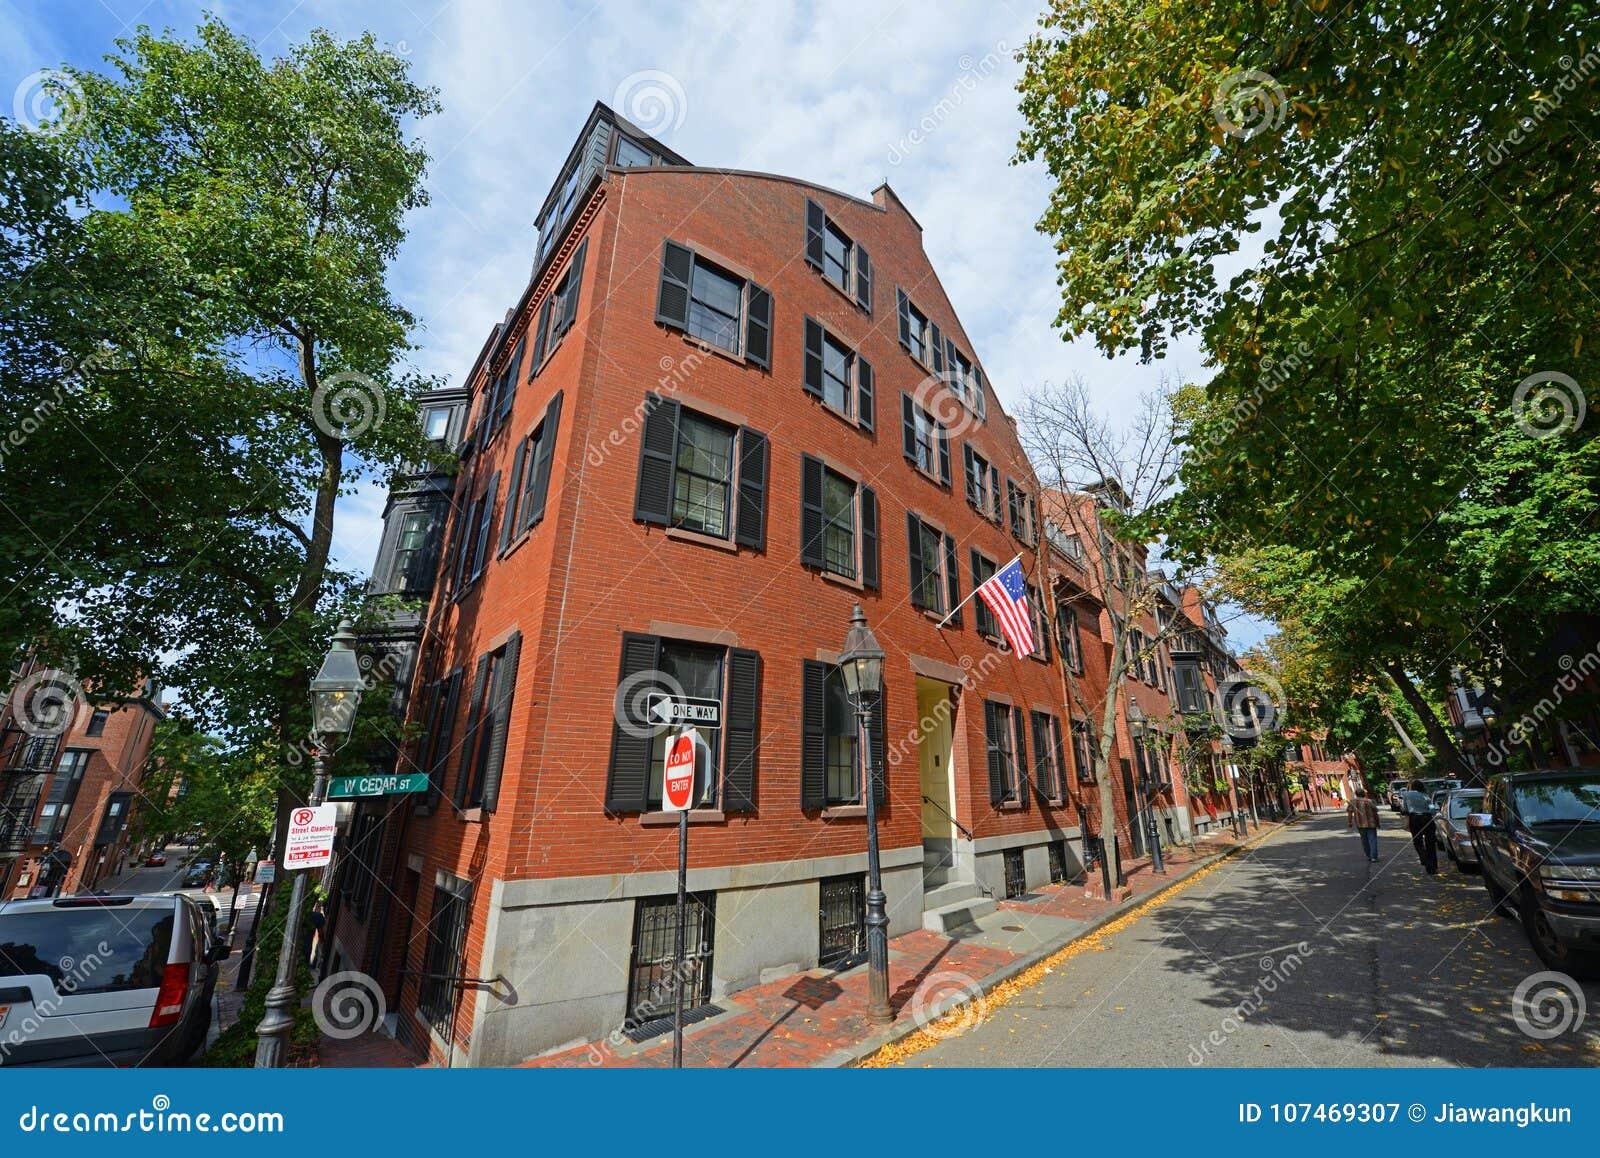 Ιστορικά κτήρια στο Hill αναγνωριστικών σημάτων, Βοστώνη, ΗΠΑ